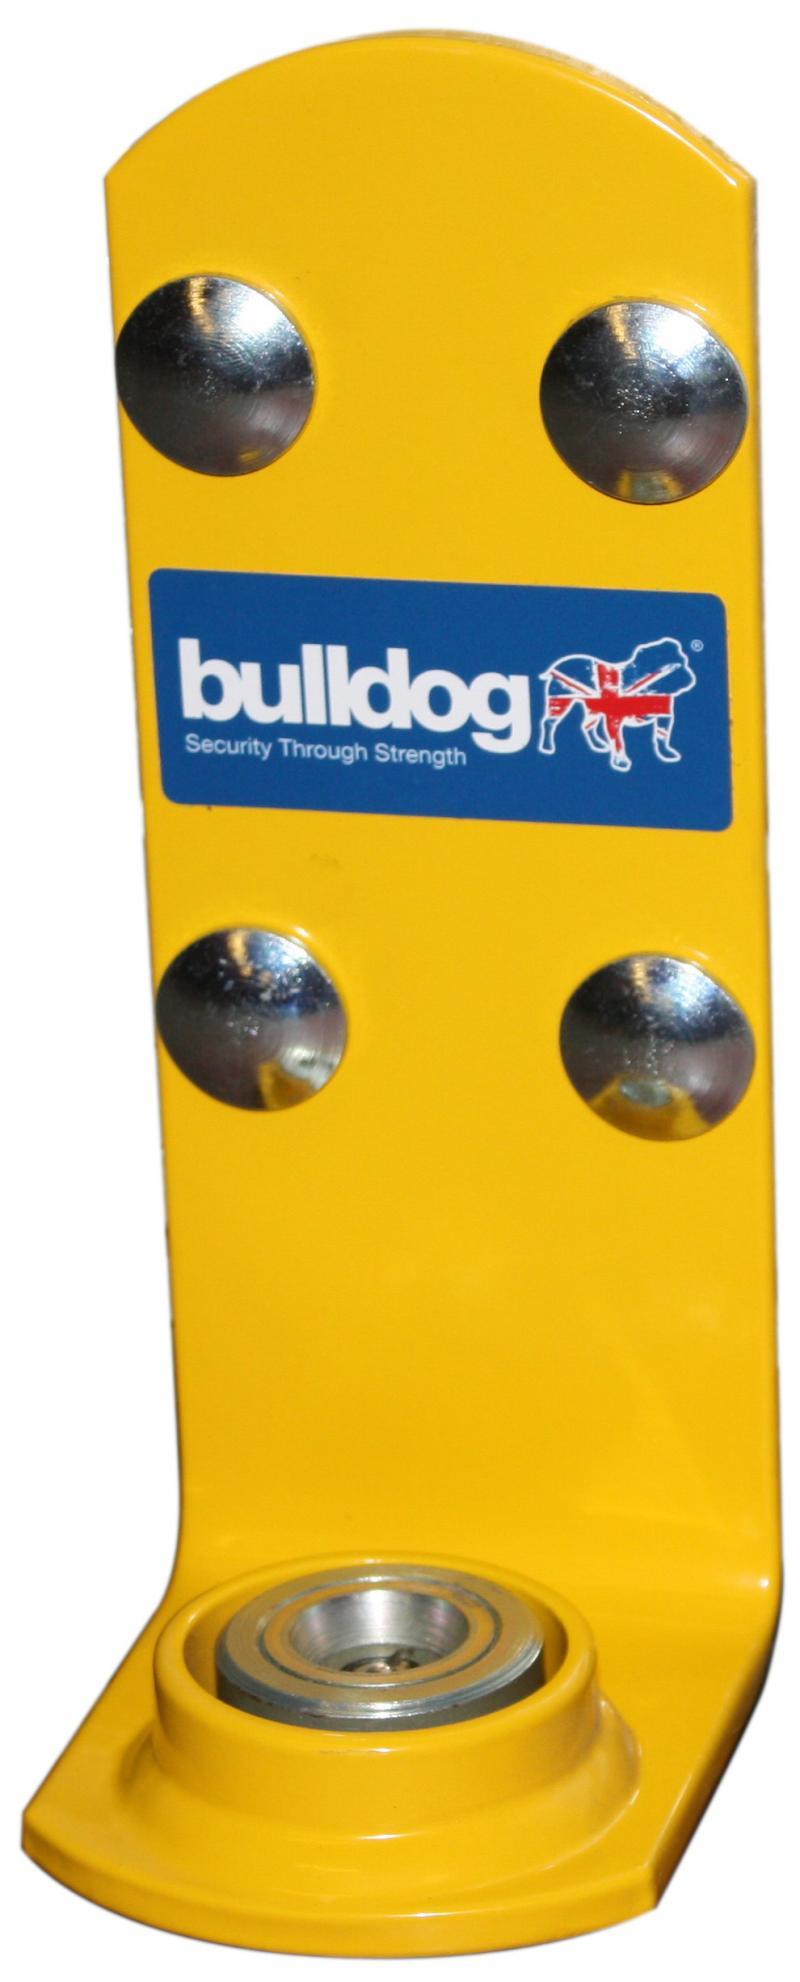 Bulldog GR500 Roller Shutter Door Lock